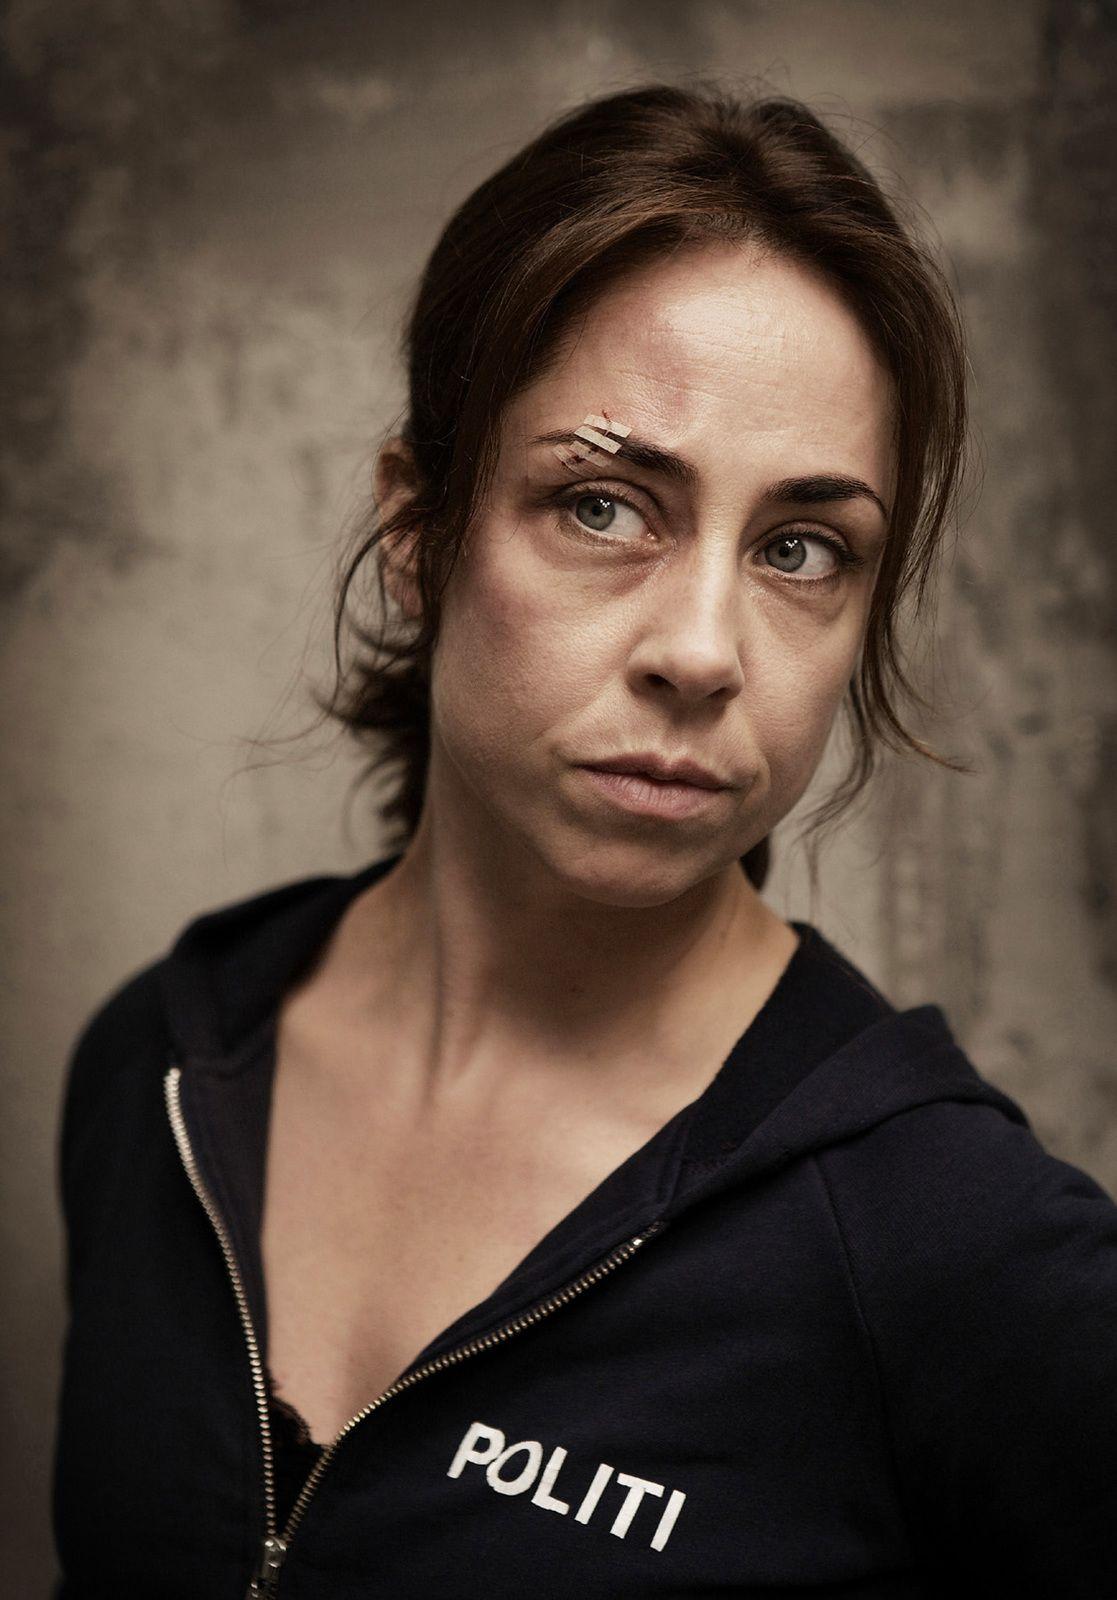 L'intégralité de la série danoise The Killing diffusée dès ce soir sur ARTE.